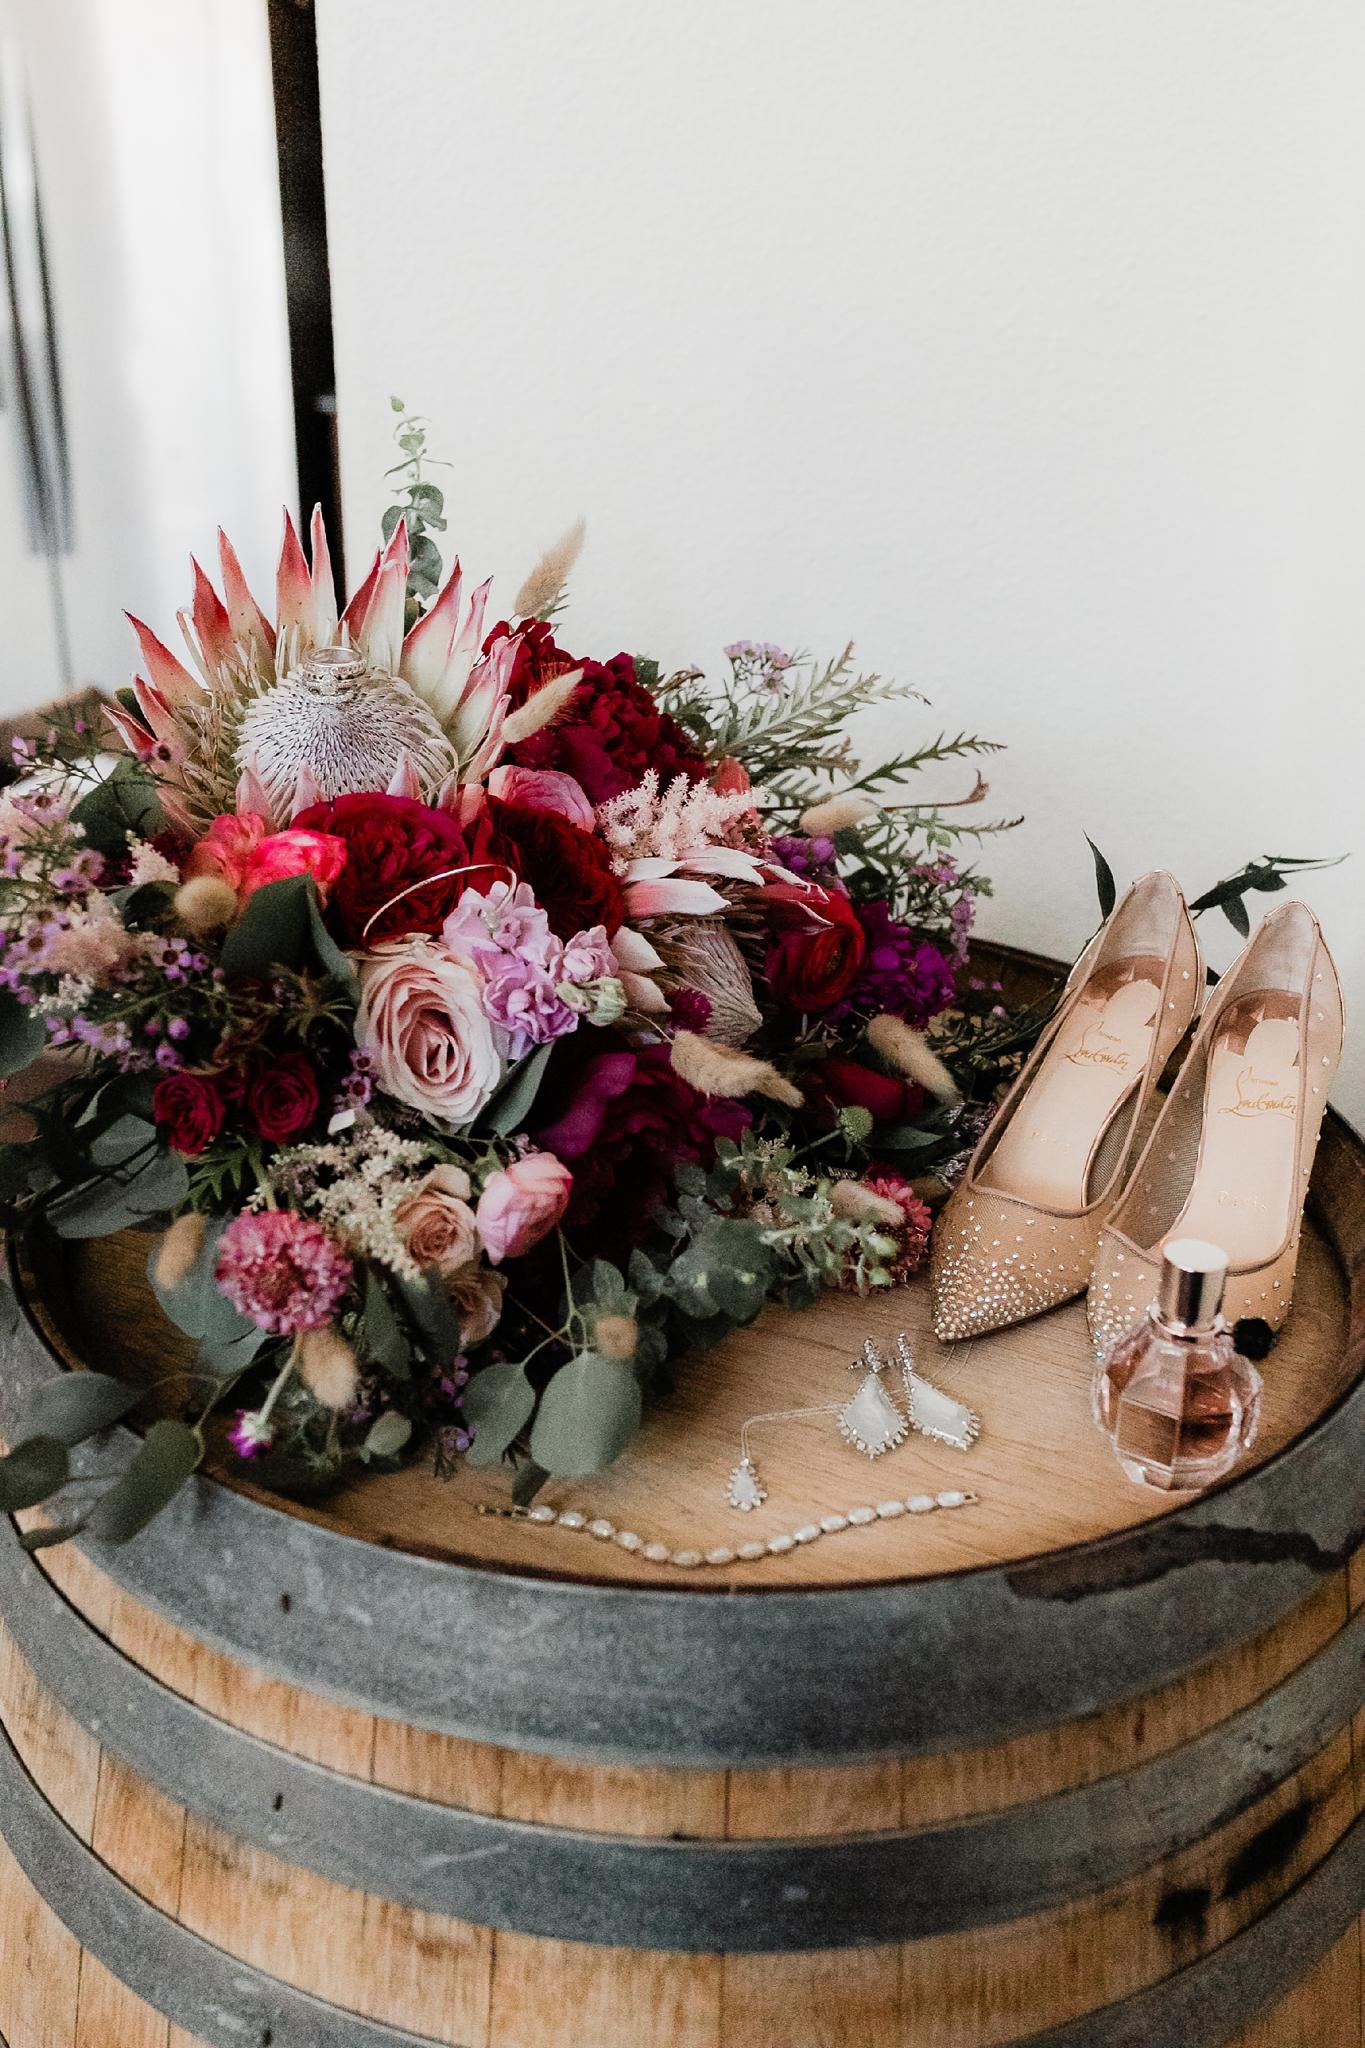 Alicia+lucia+photography+-+albuquerque+wedding+photographer+-+santa+fe+wedding+photography+-+new+mexico+wedding+photographer+-+new+mexico+wedding+-+new+mexico+wedding+-+barn+wedding+-+enchanted+vine+barn+wedding+-+ruidoso+wedding_0003.jpg